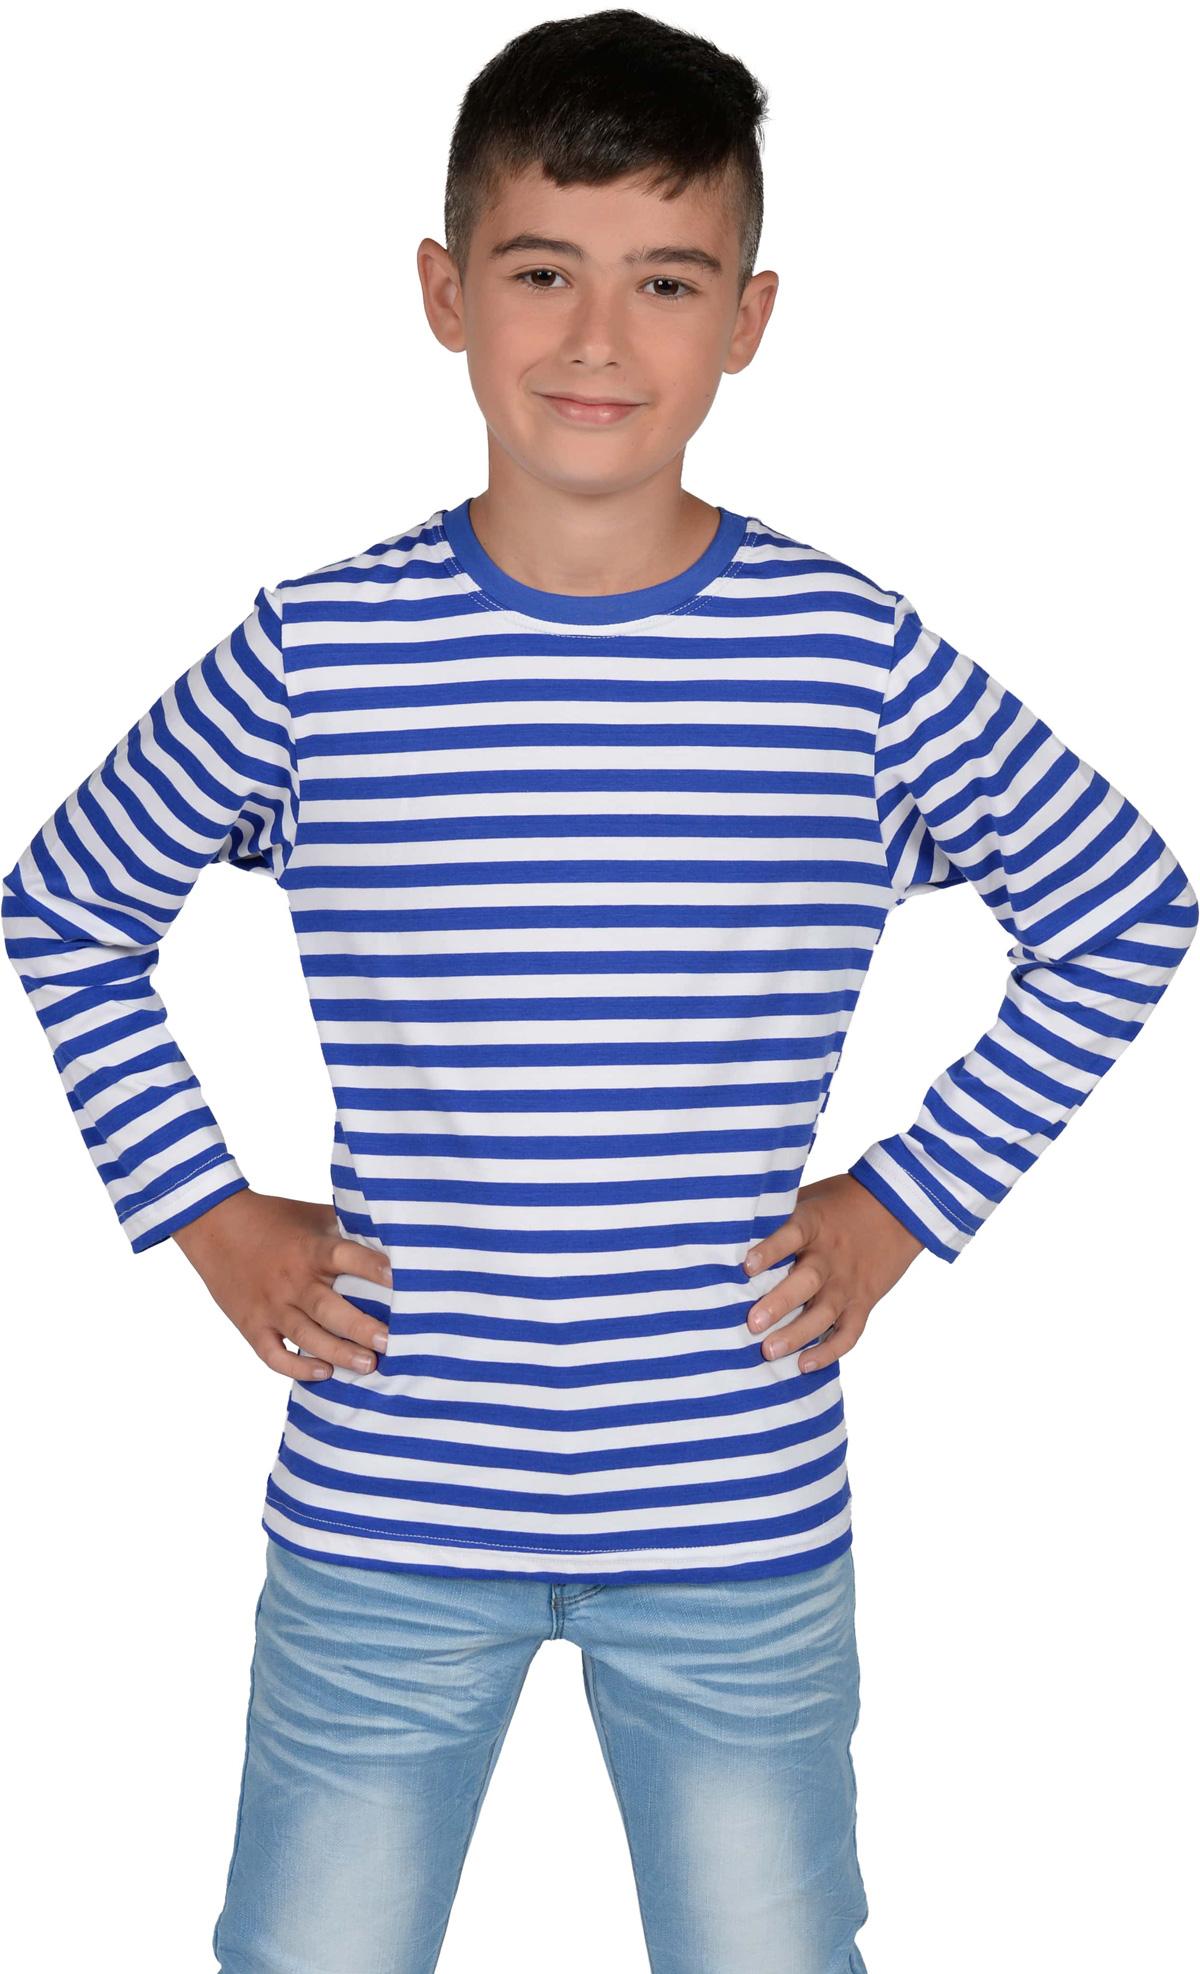 Fabulous Gestreept shirt blau/wit de luxe kind bij karnevalswierts.com ME87